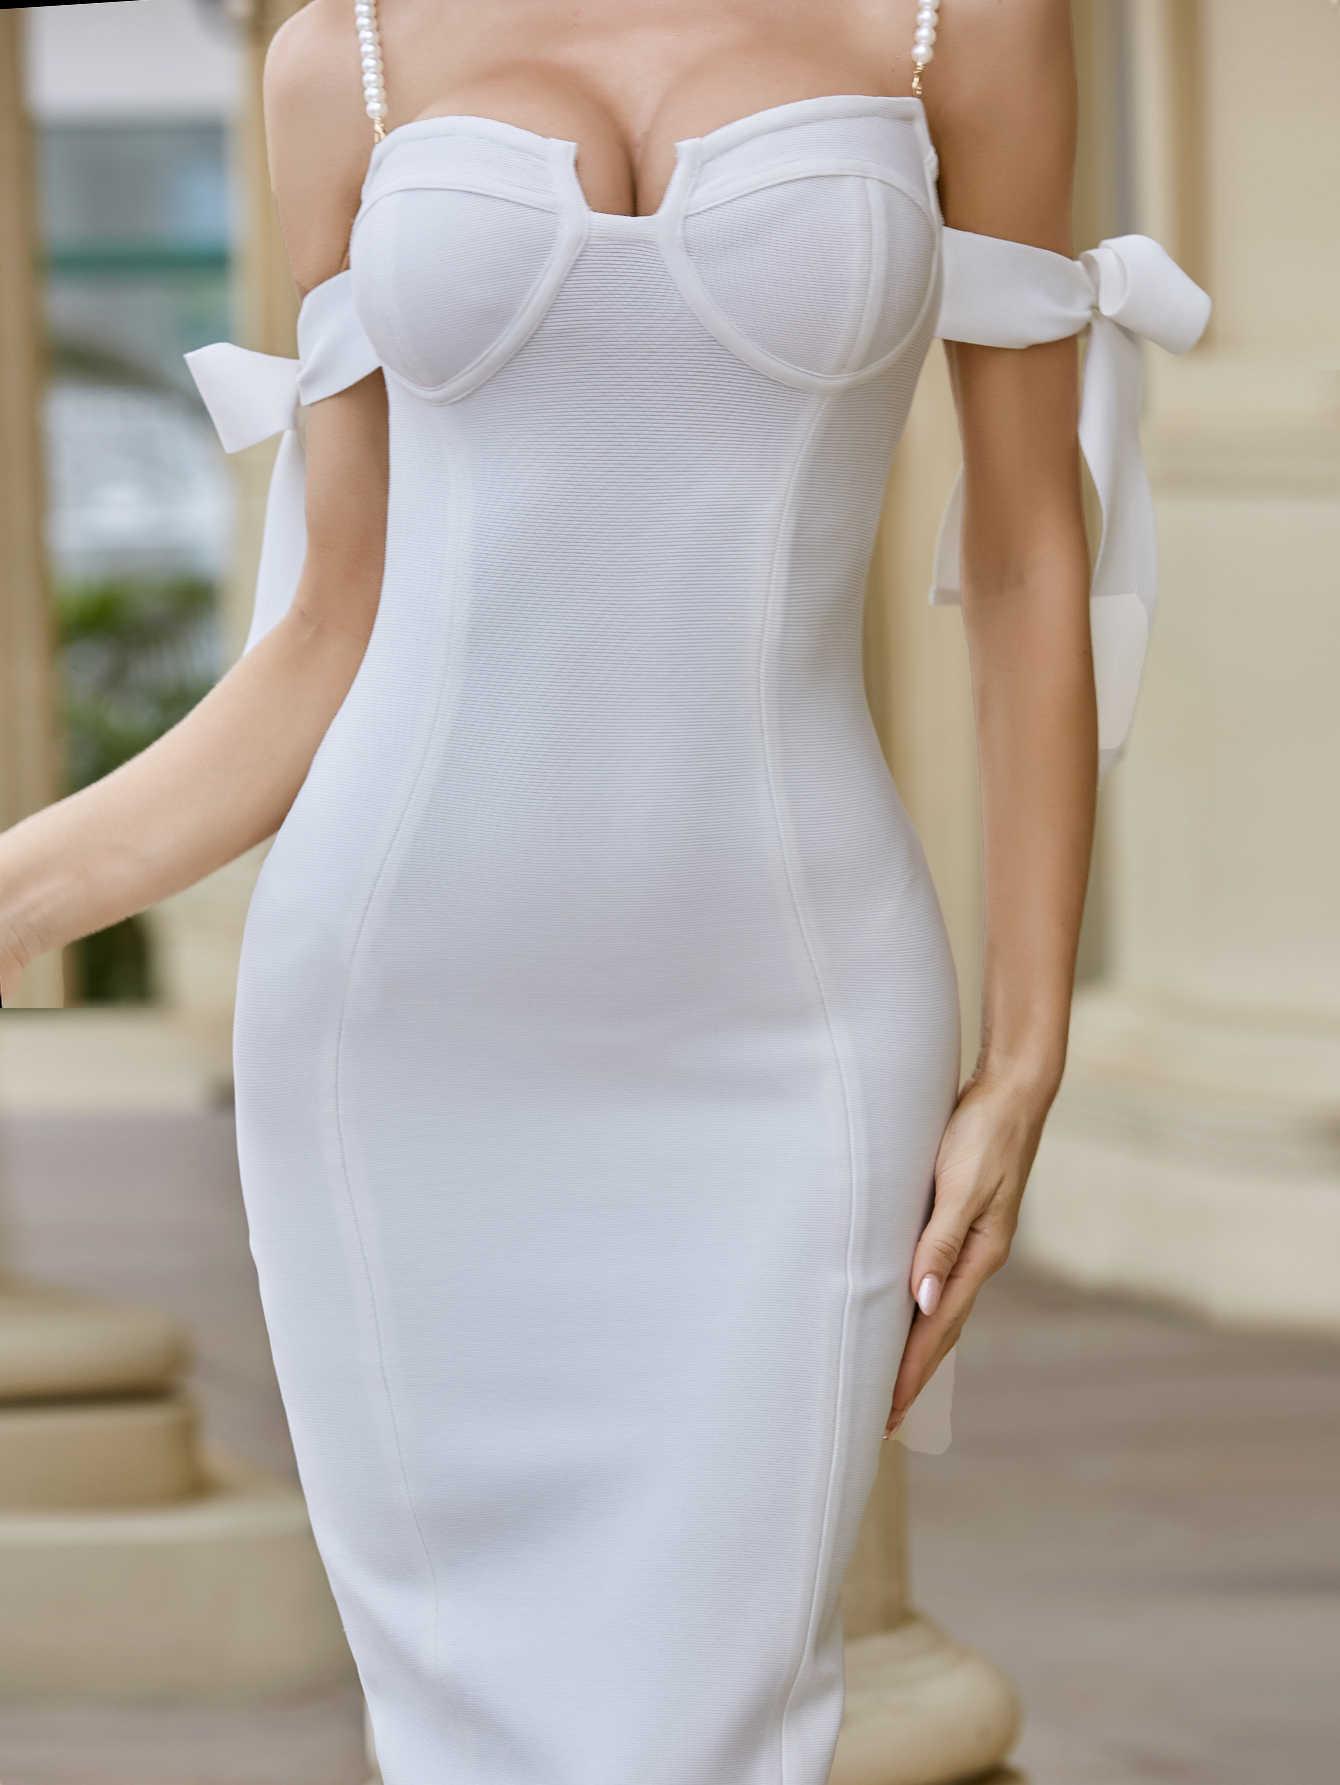 2020 新女性のセクシーなビーズ白黒パーティードレスデザイナー膝長さのイブニングドレスセレブナイトクラブ包帯ドレス vestido